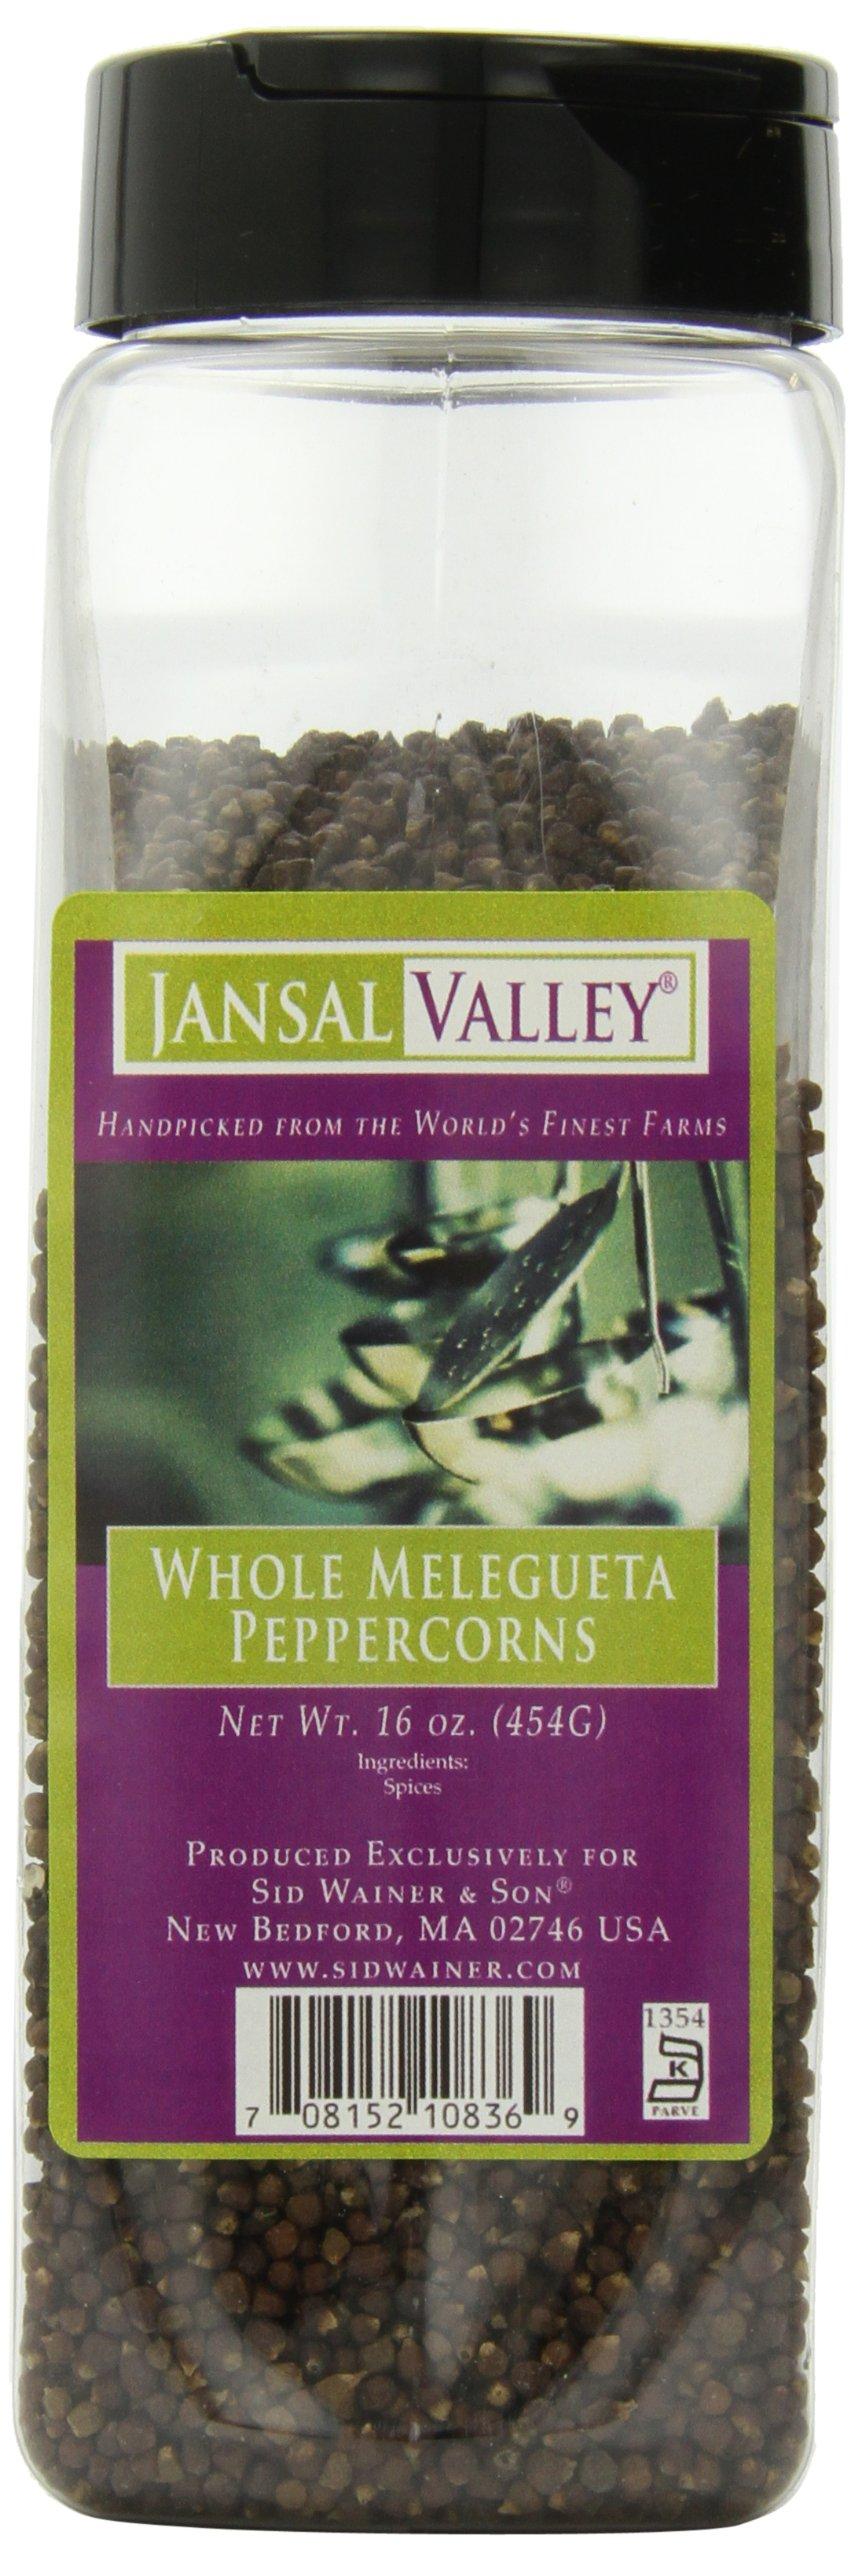 Jansal Valley Whole Peppercorns, Melegueta 16 Ounce